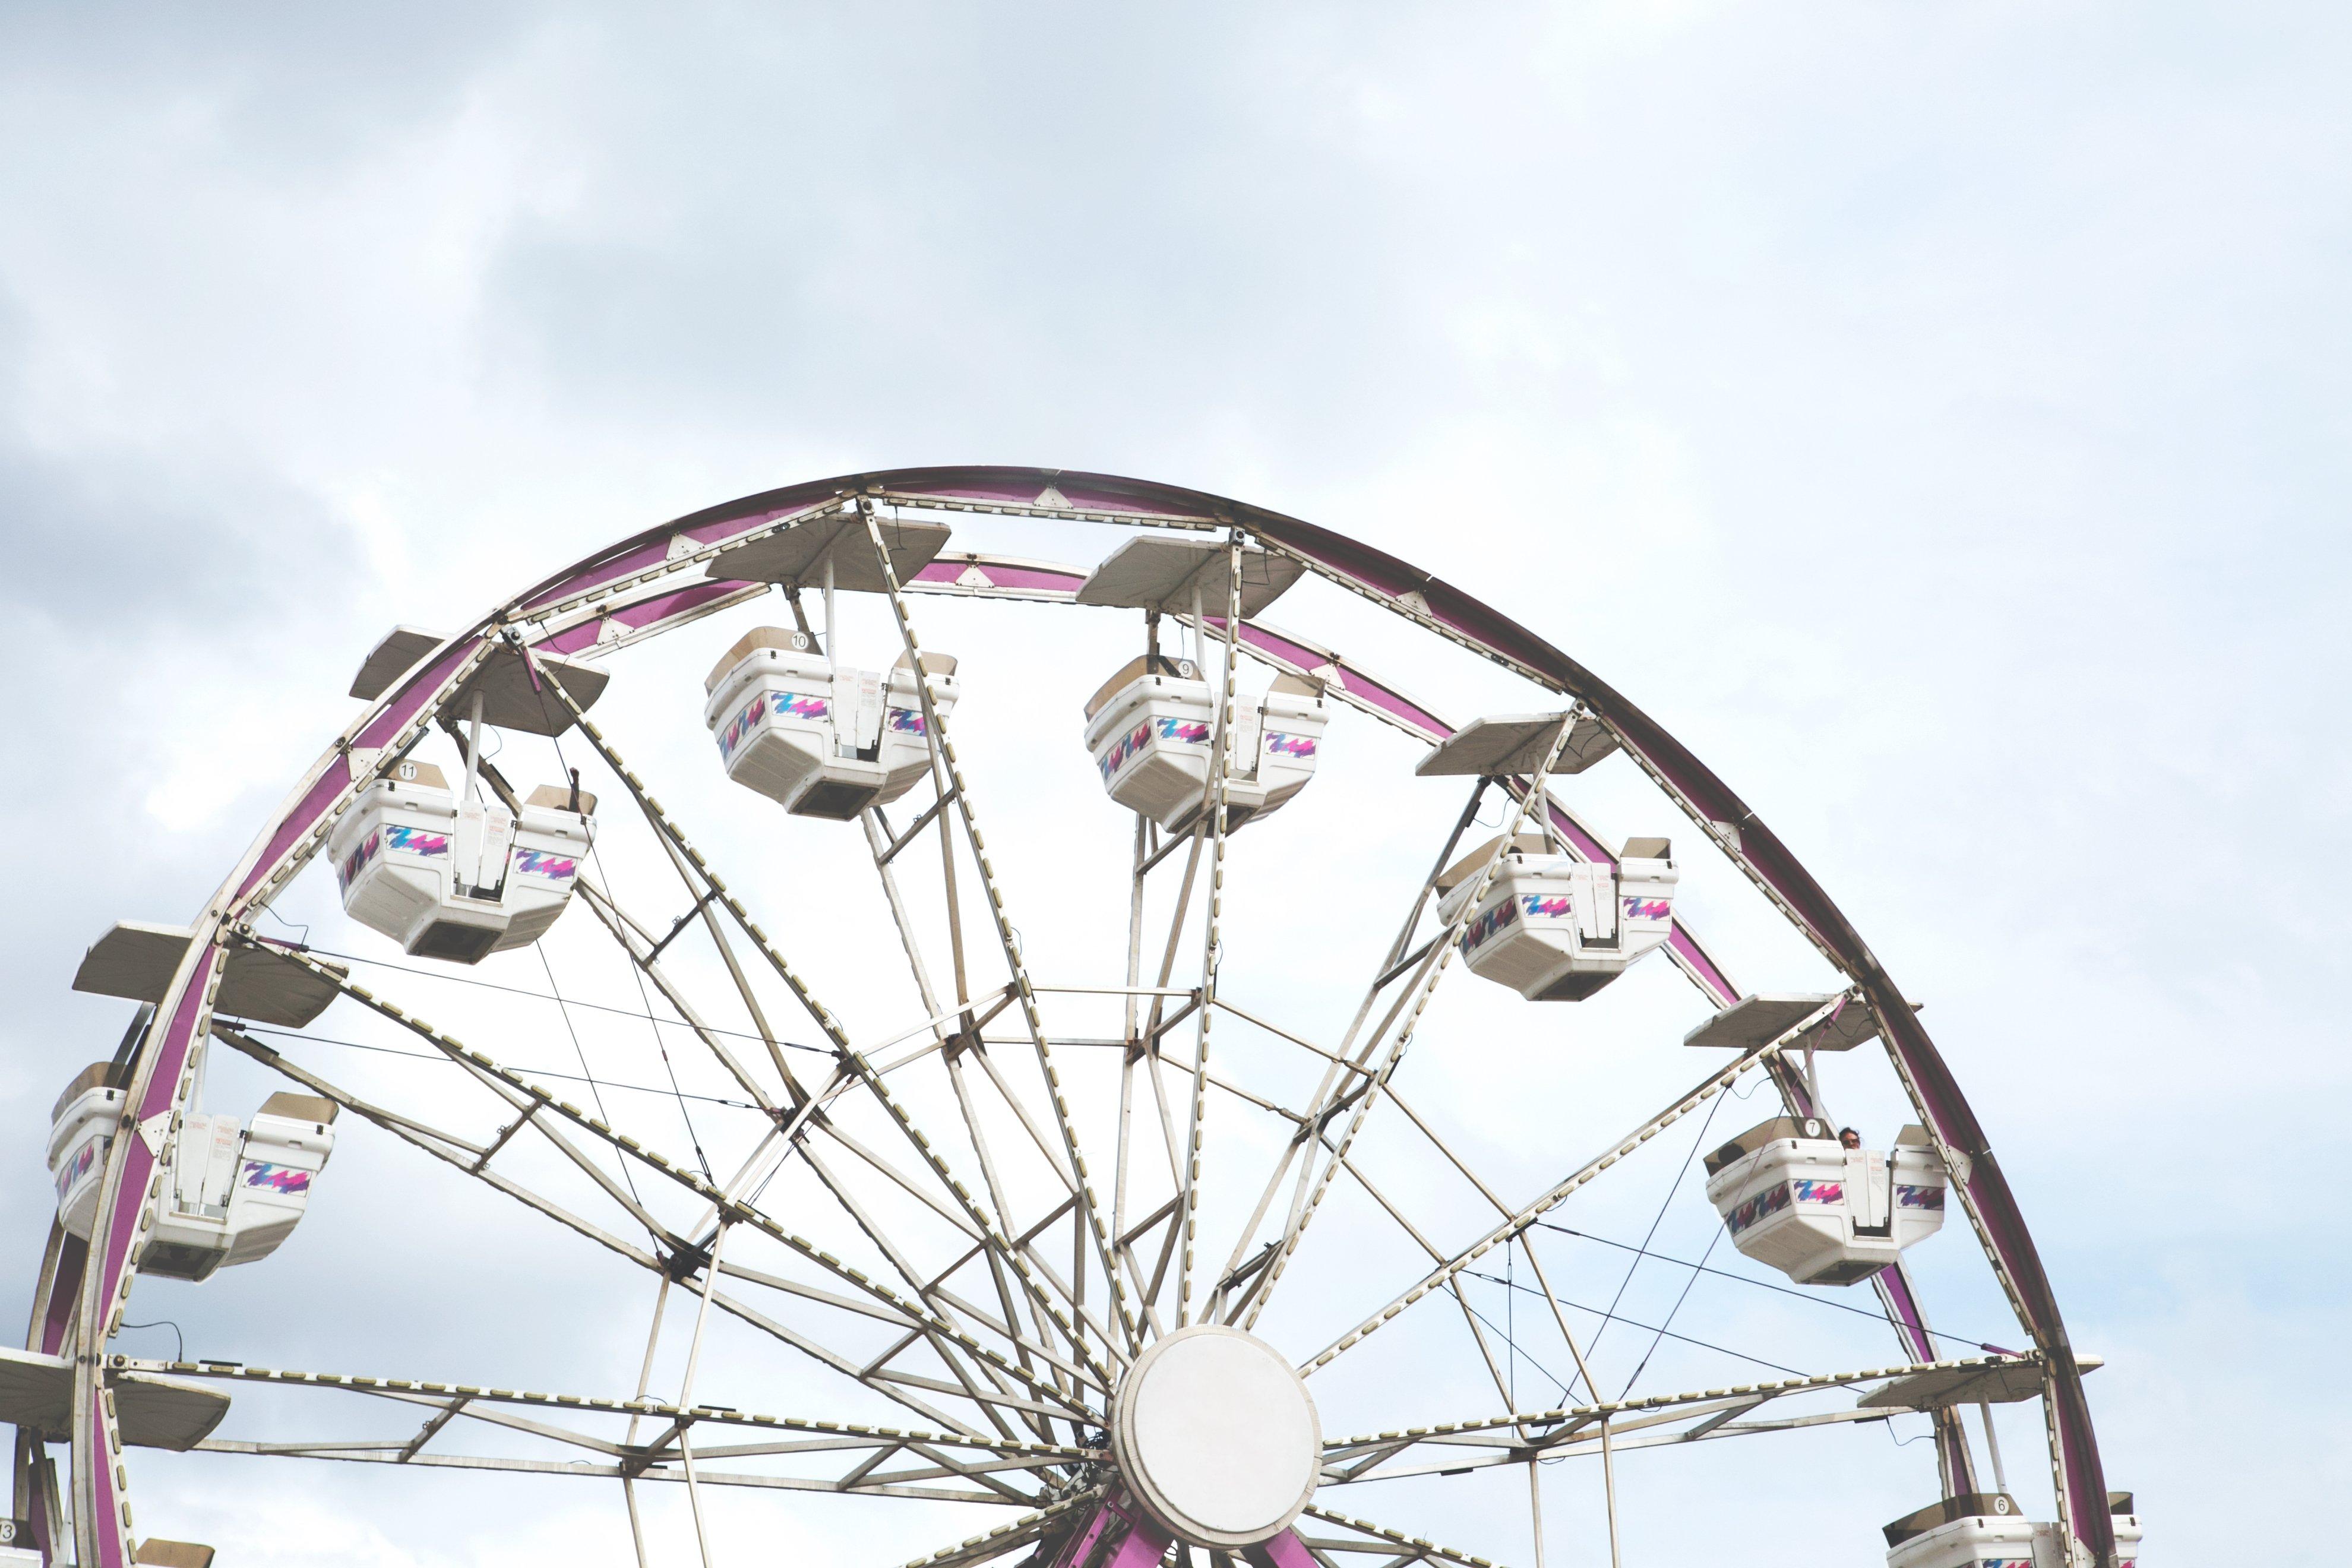 carnival ferris wheel. Photo credit: Sarah Pflug for Burst.